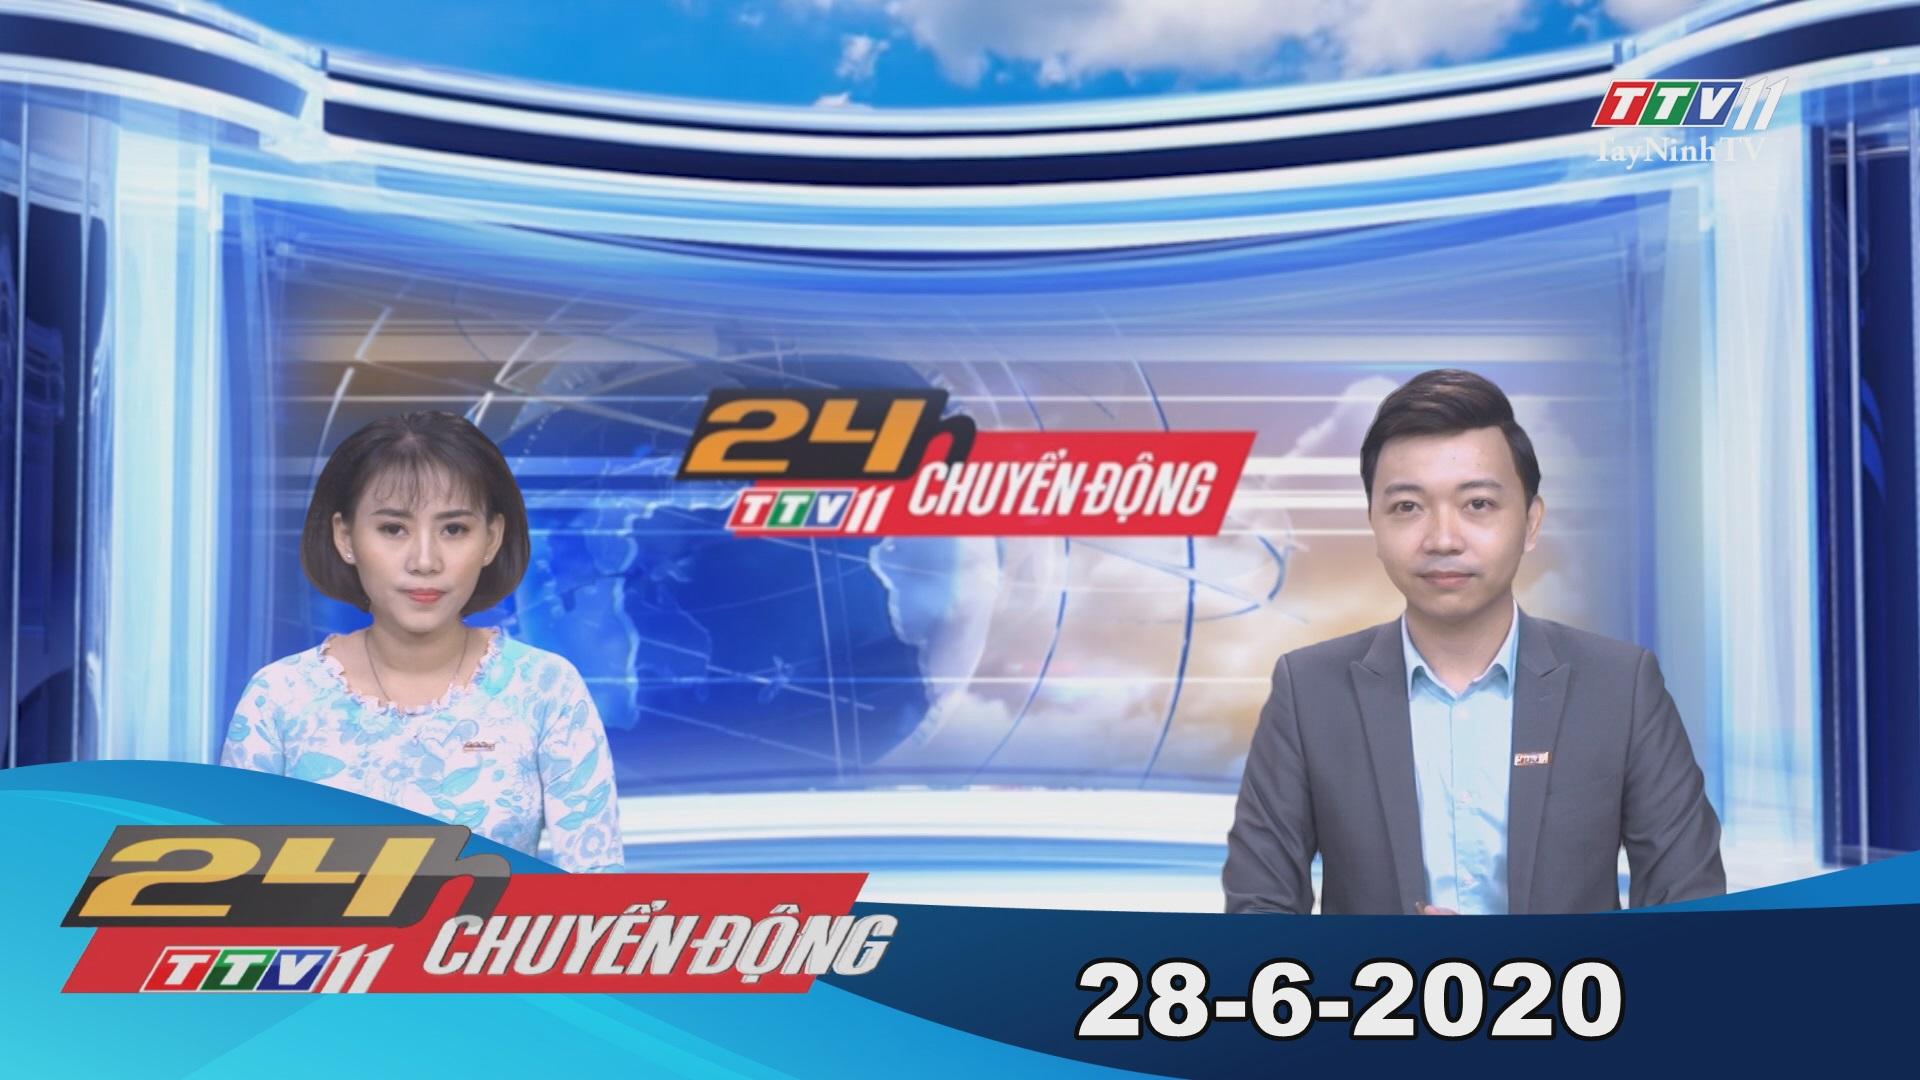 24h Chuyển động 28-6-2020 | Tin tức hôm nay | TayNinhTV